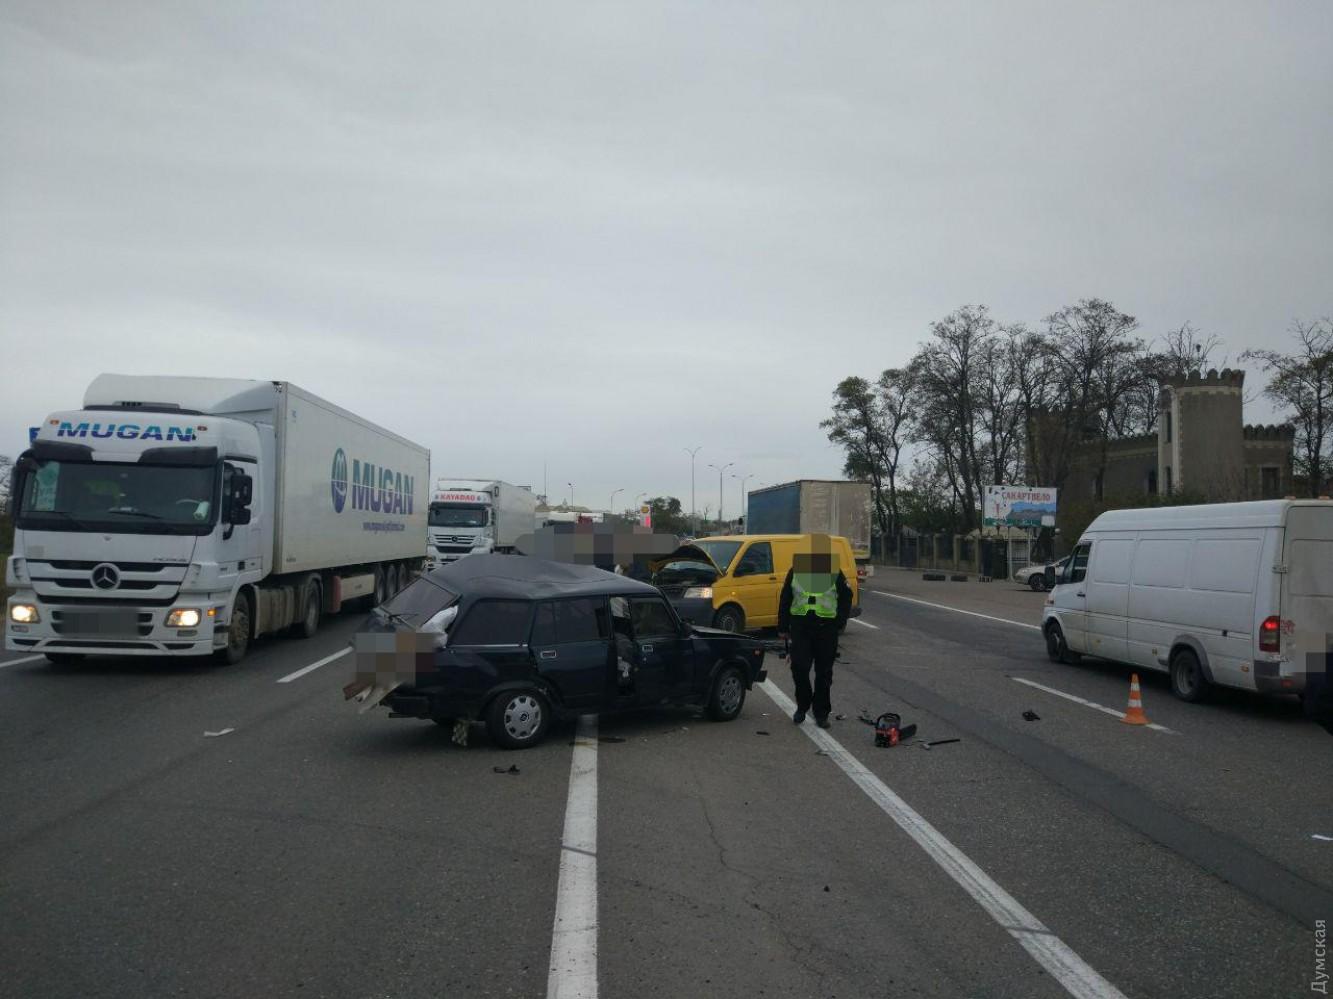 ВОдесской области «Жигули» столкнулись смикроавтобусом: один человек умер